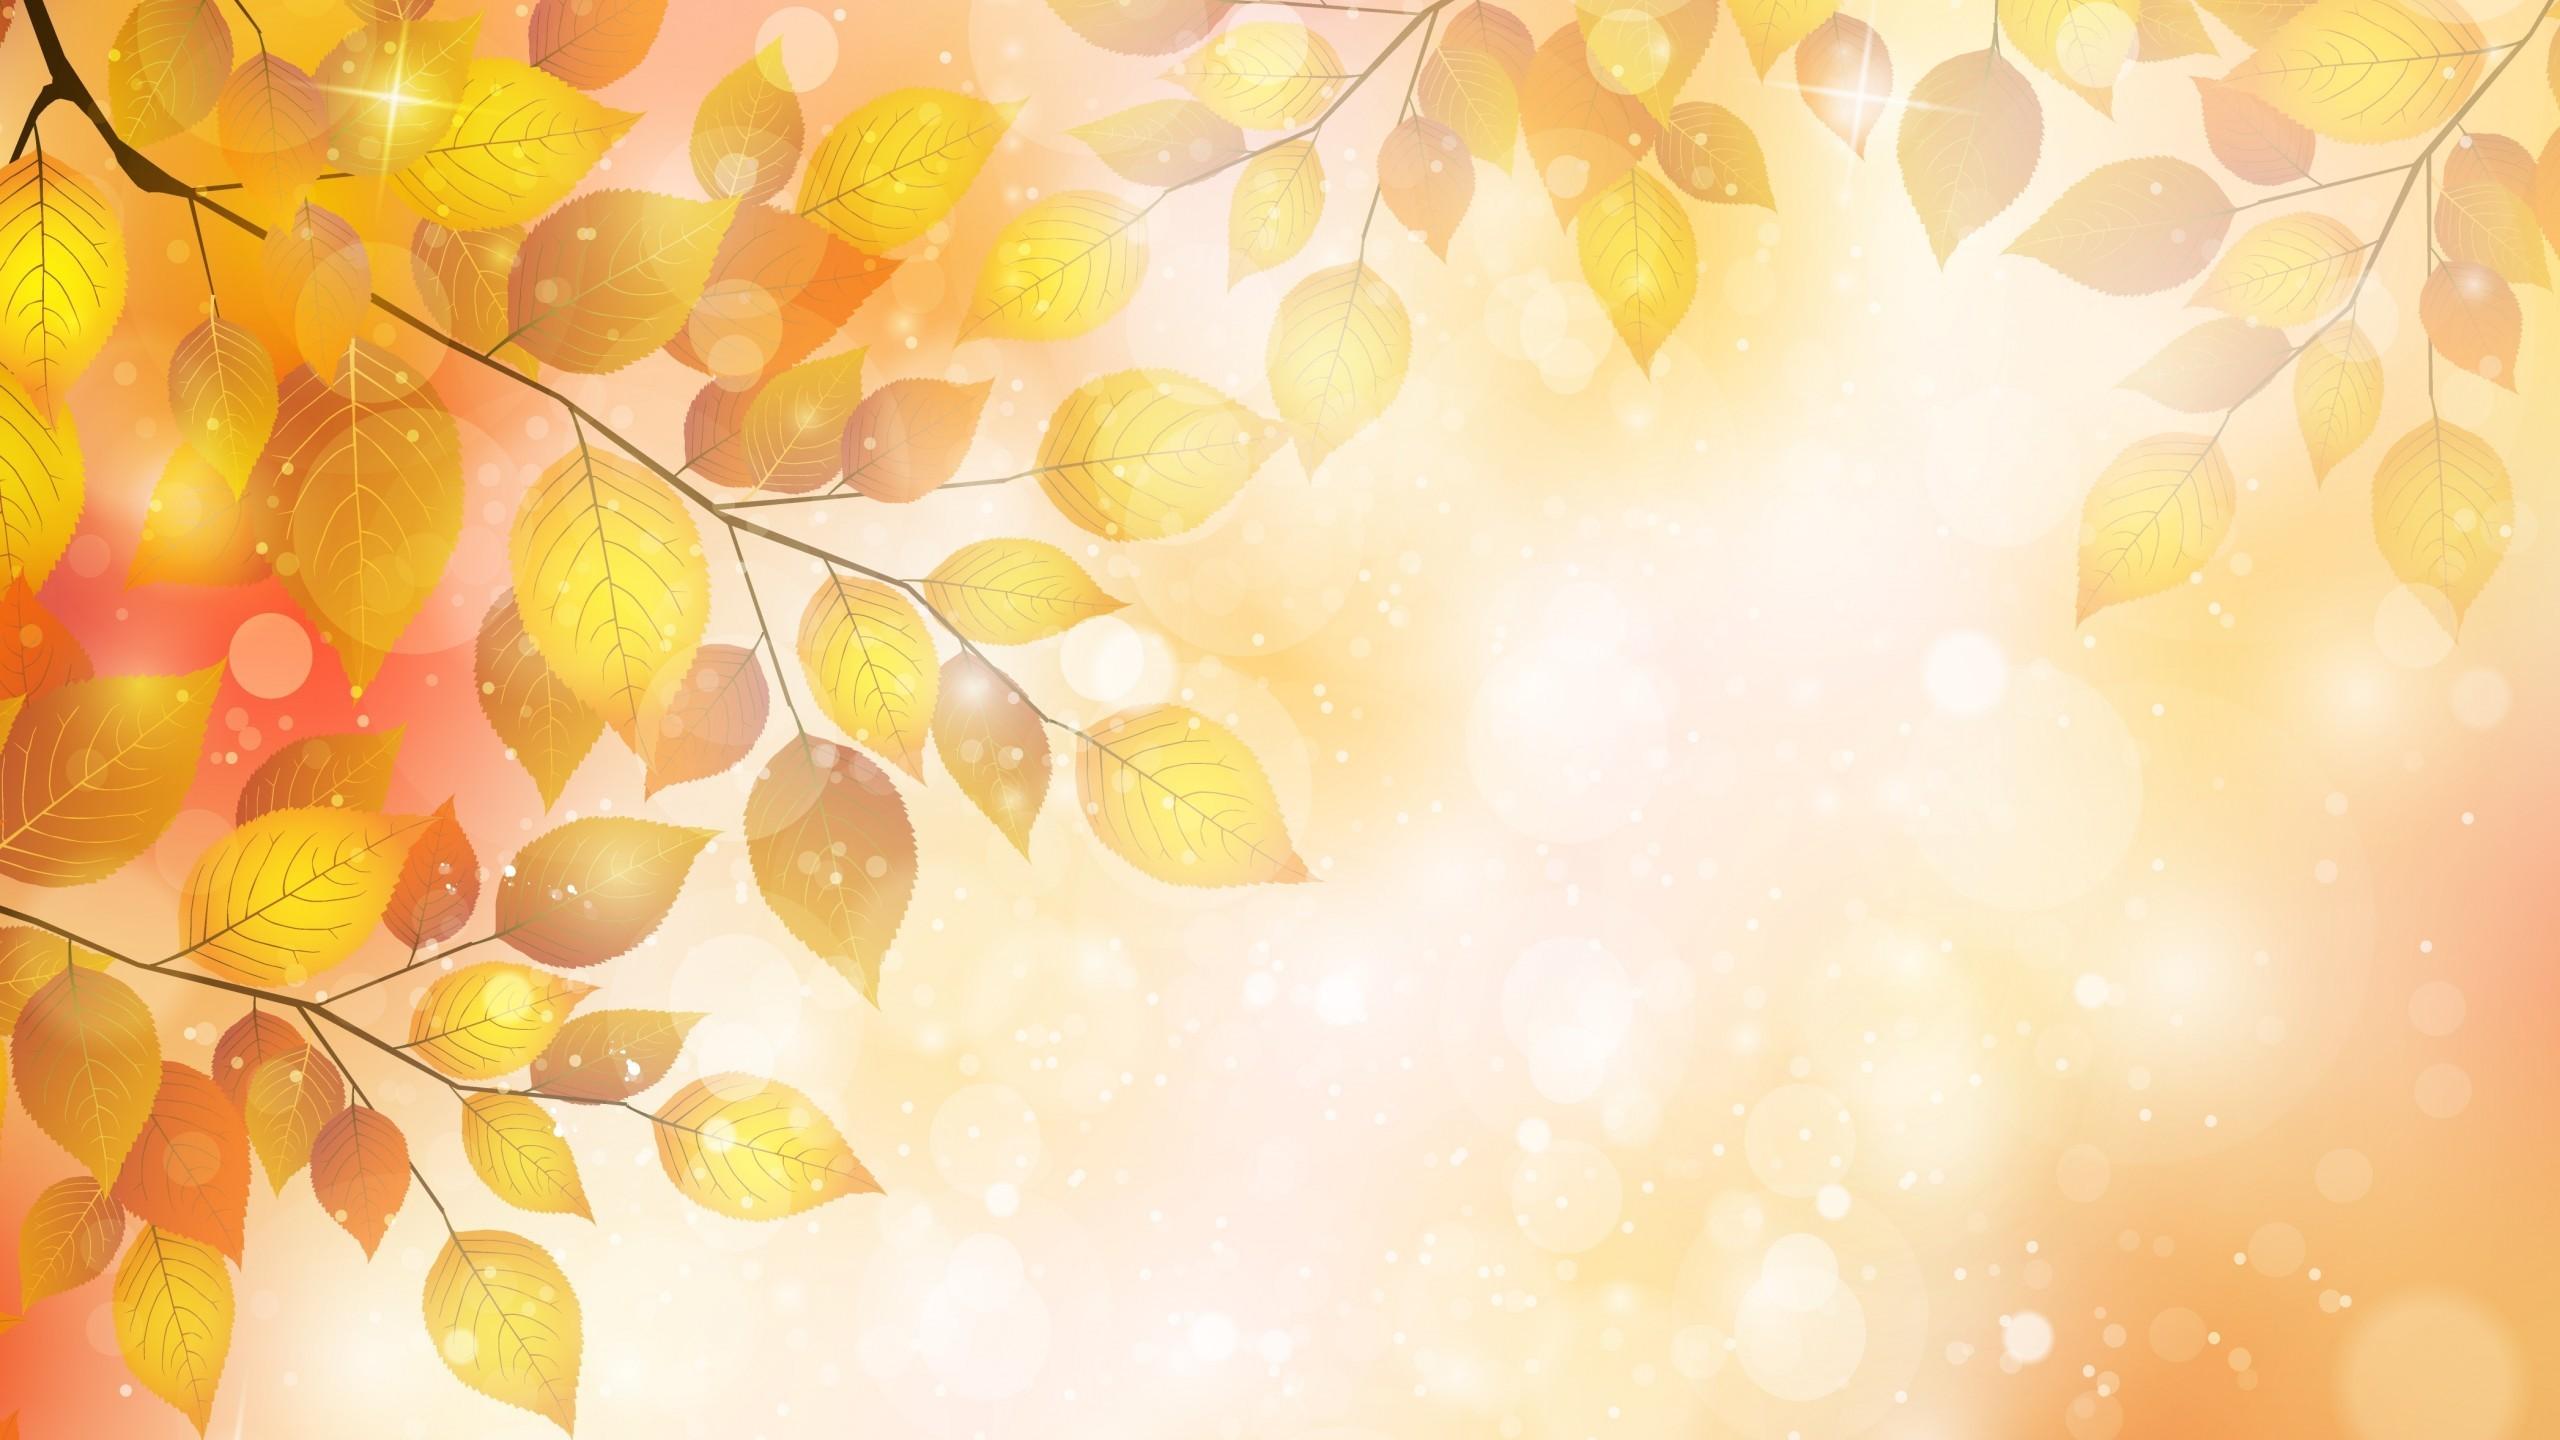 фон про осень для презентации